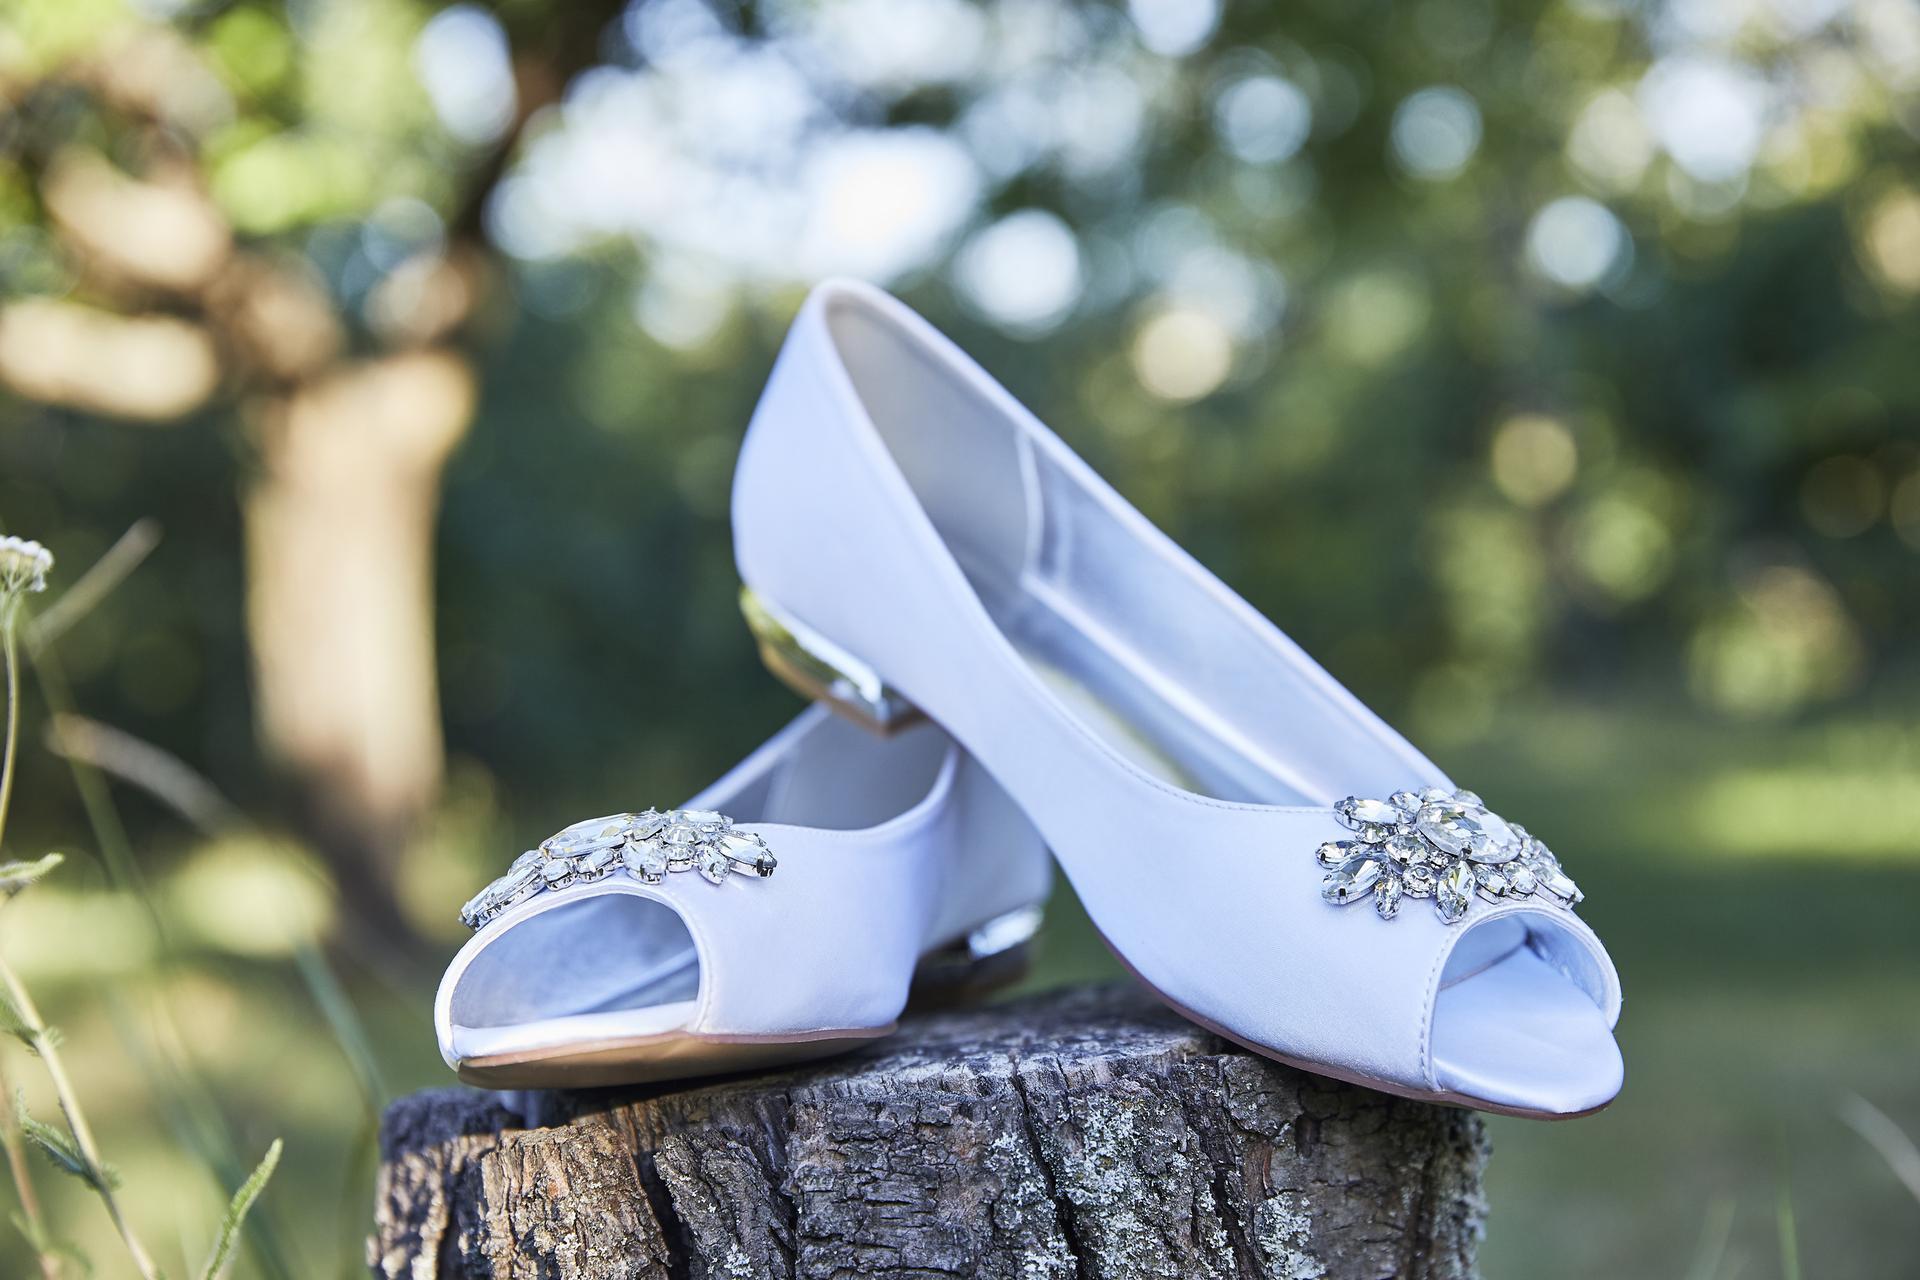 Naše slovácká svatba - Boty z eshopu jjshouse, padly jako ulité :)